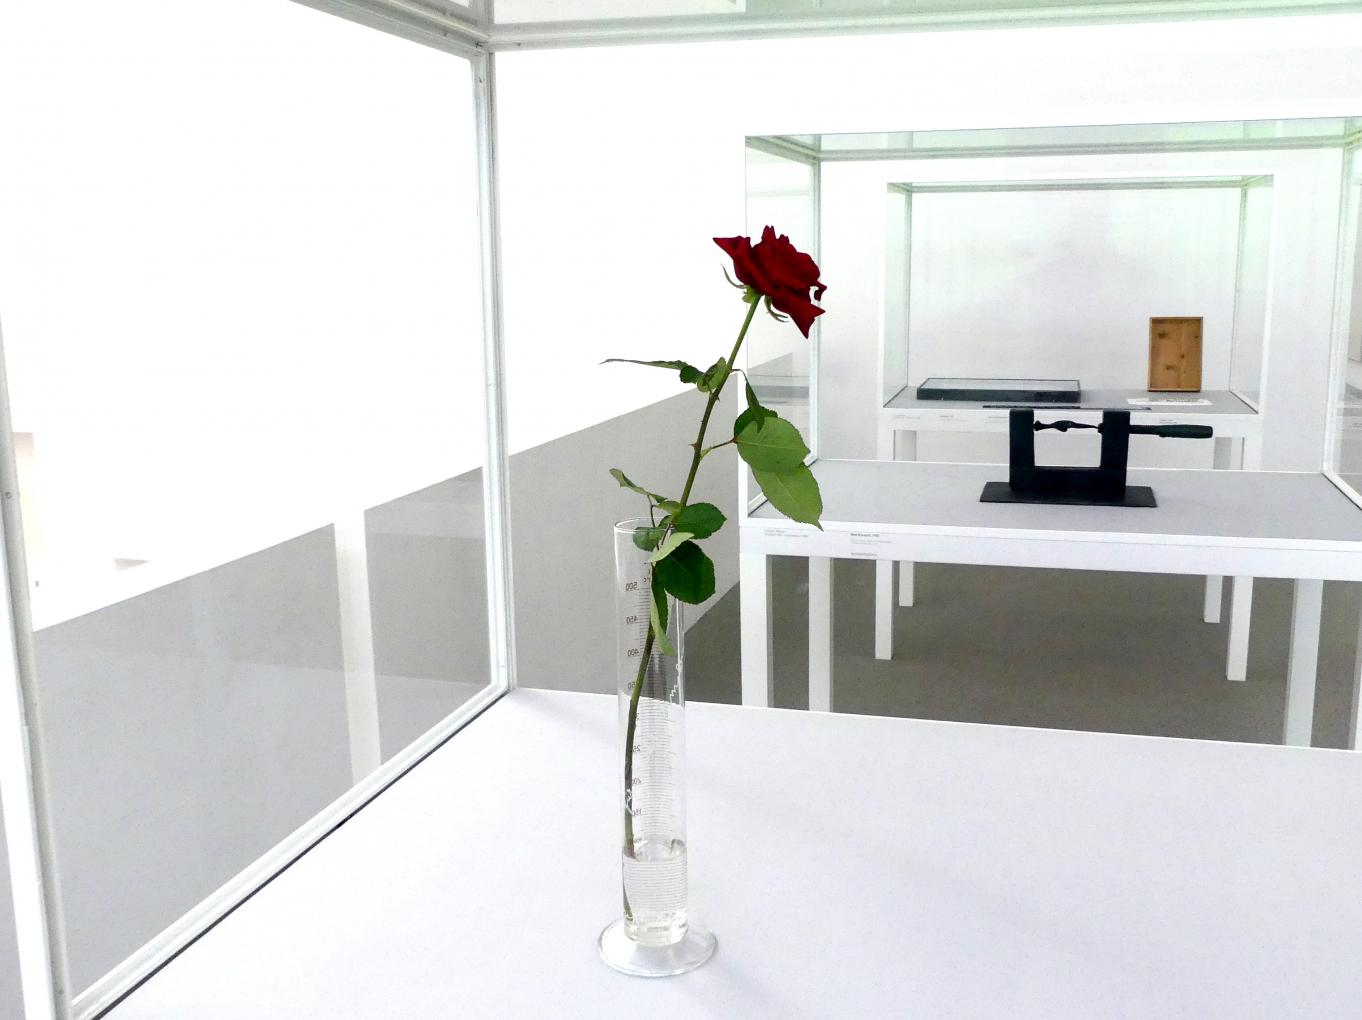 Joseph Beuys: Rose für direkte Demokratie, 1973